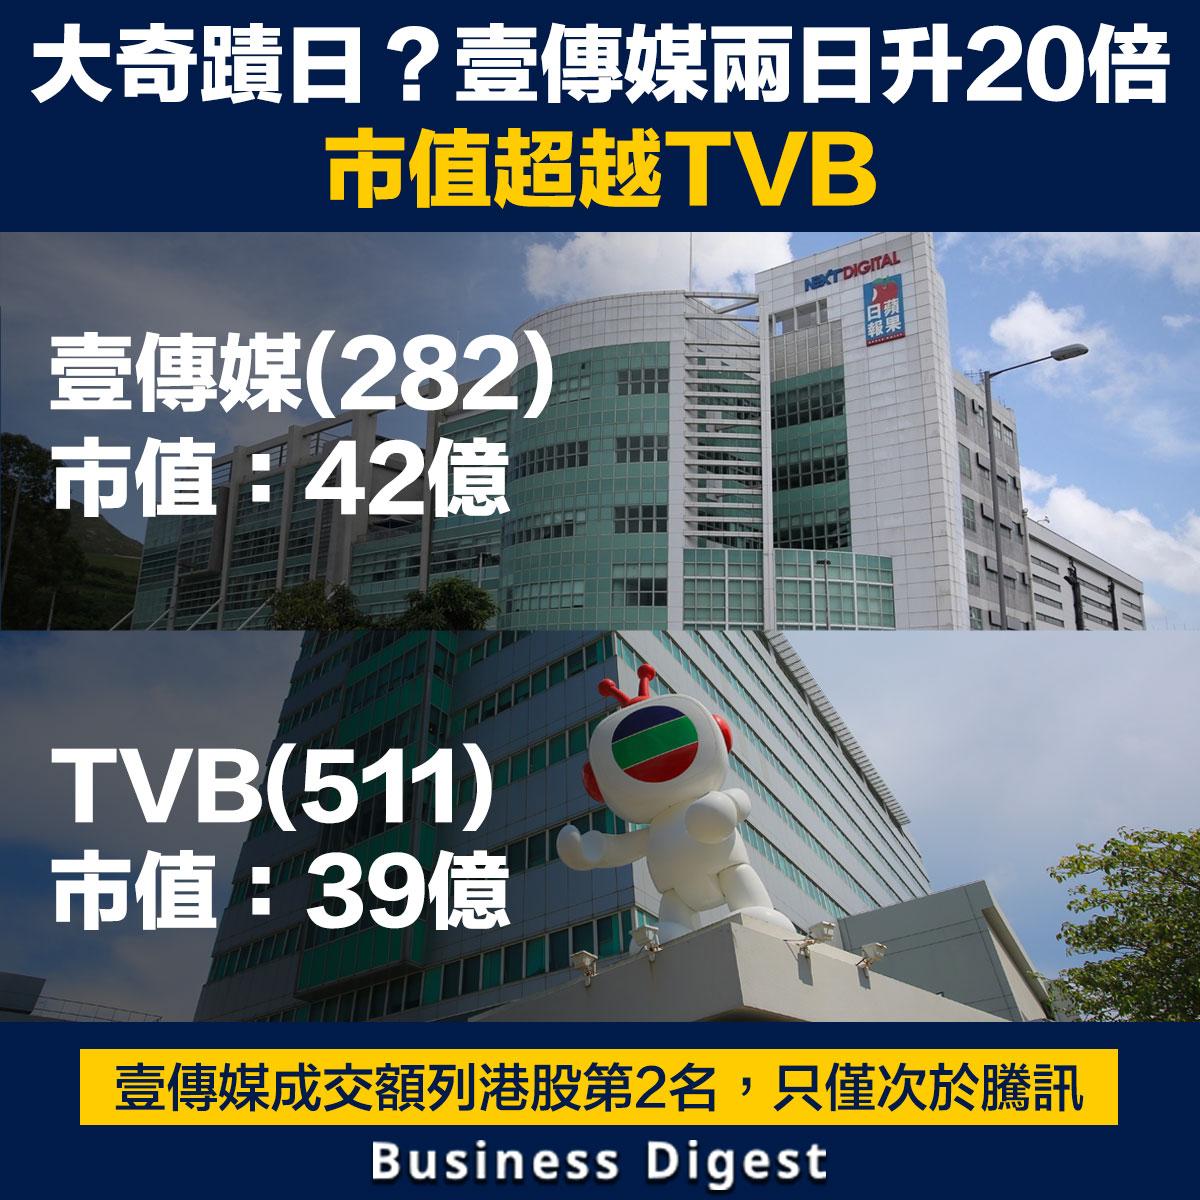 【商業熱話】大奇蹟日?壹傳媒兩日升20倍,市值超越TVB